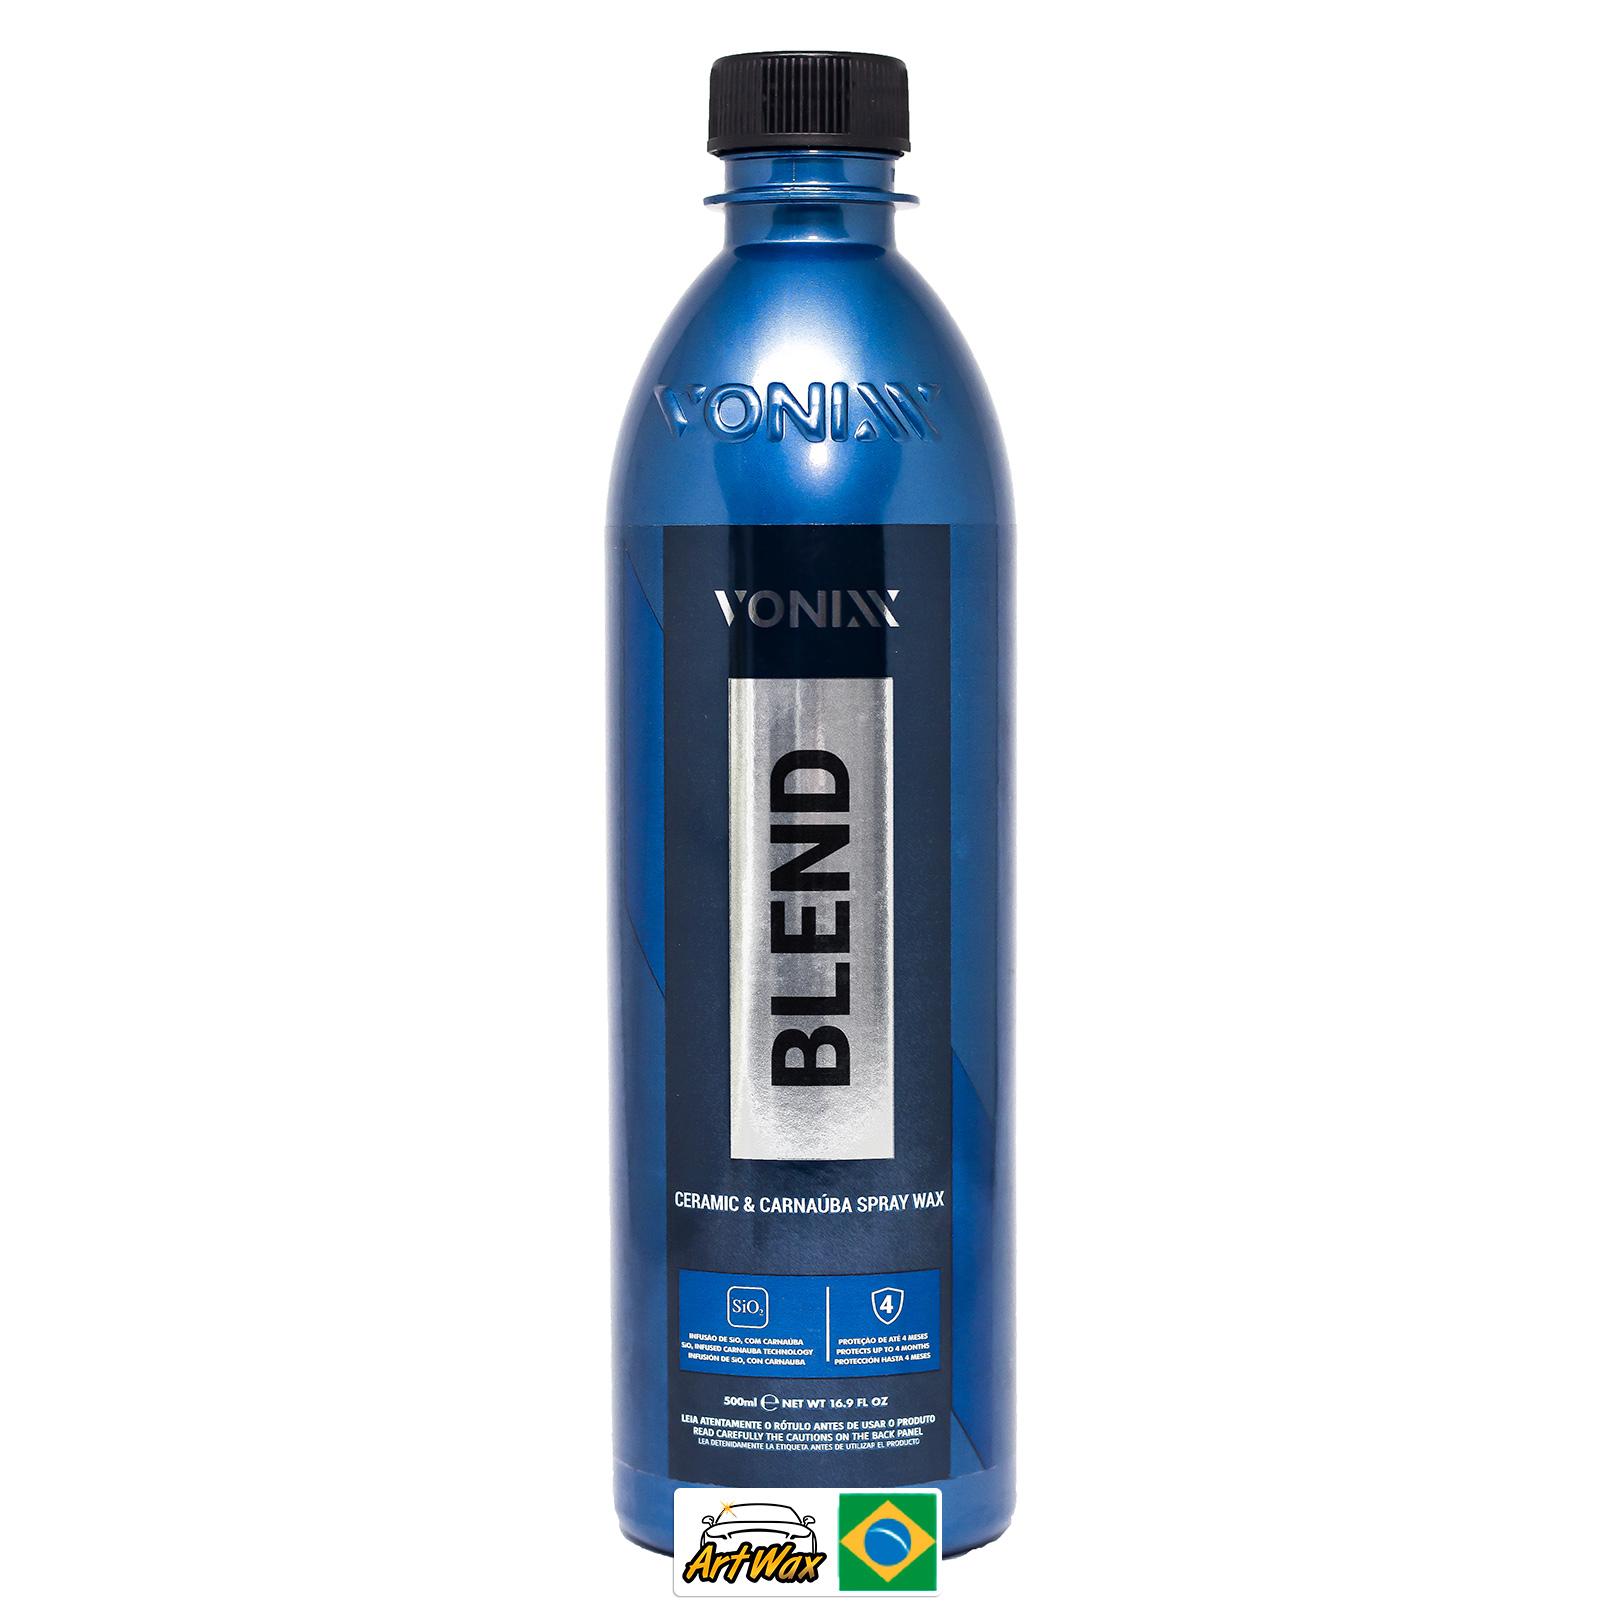 Vonixx Blend Spray Cera Protetora de Carnaúba Silica 437ml (Sem Gatilho)